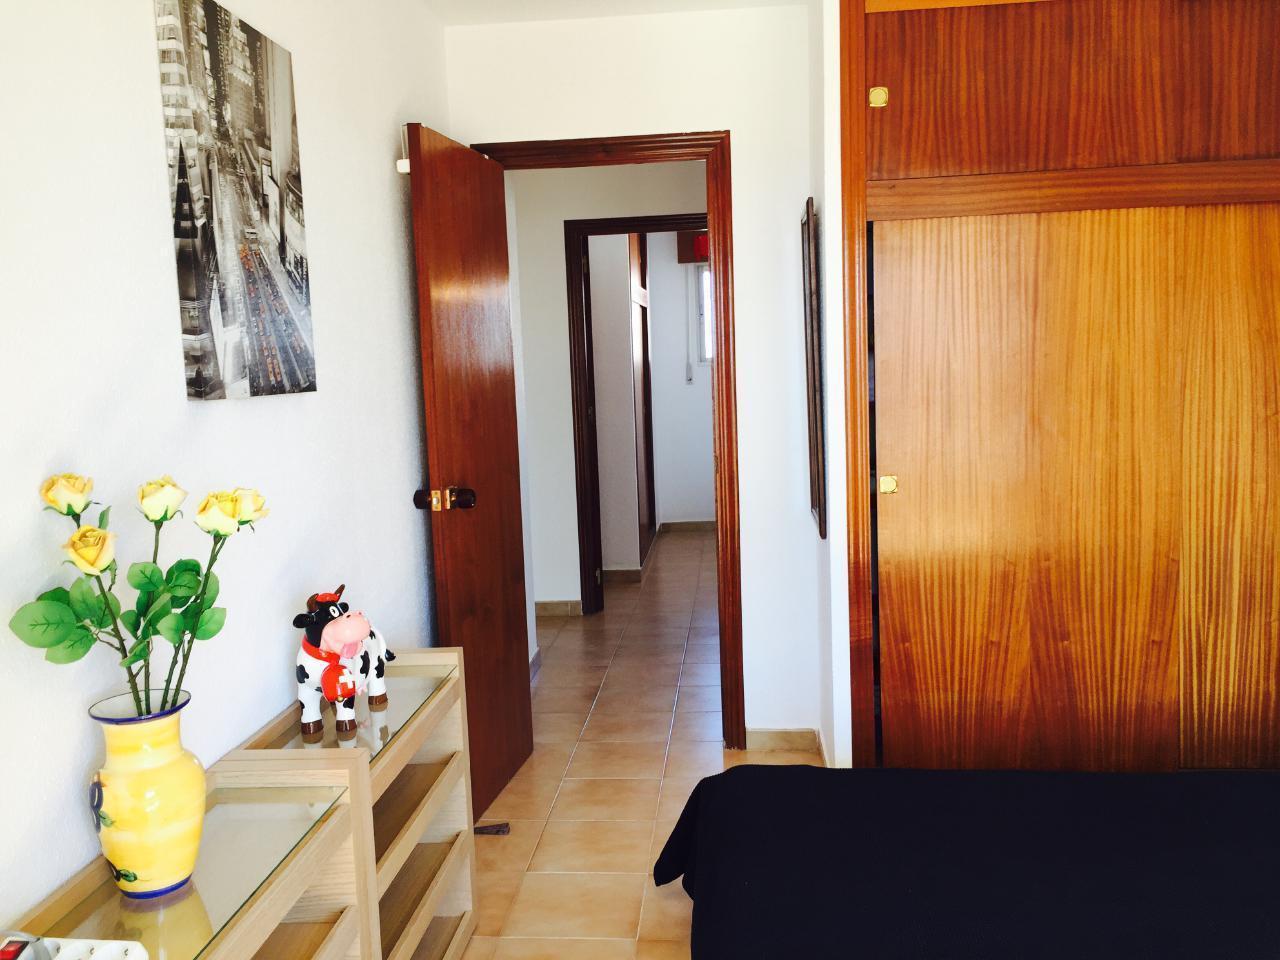 Ferienwohnung Sonnige 3.5 Zi-Wohnung am Meer (1026876), Torrevieja, Costa Blanca, Valencia, Spanien, Bild 13